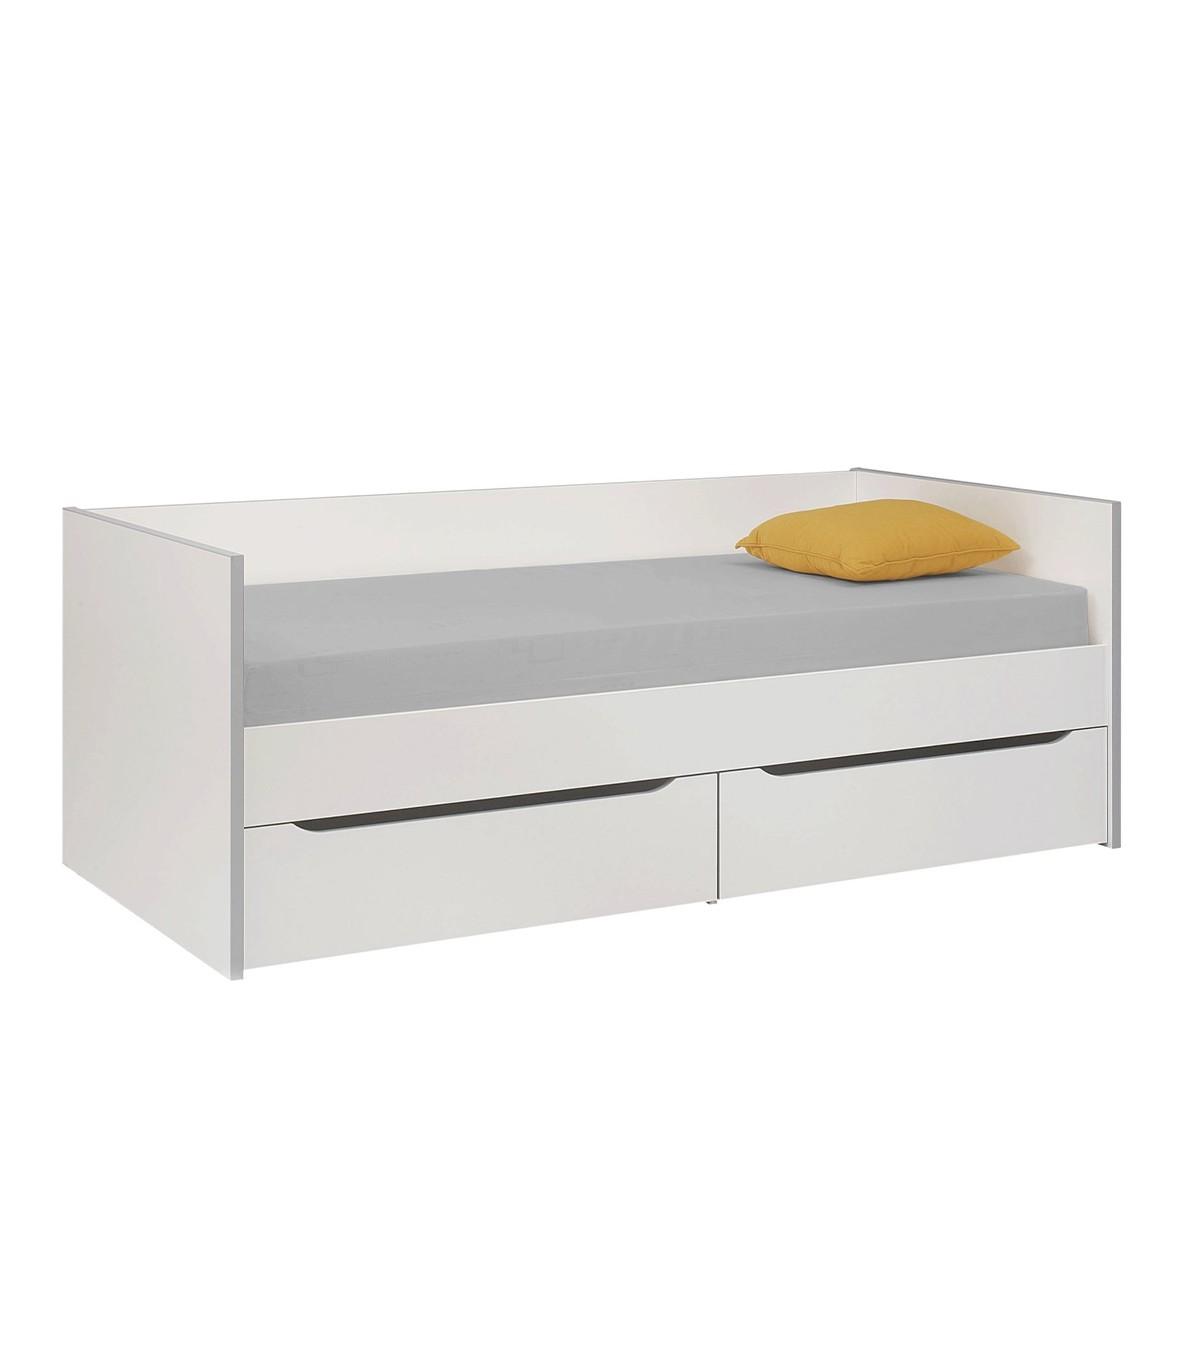 Lit Enfant Banquette et Rangements - Blanc 90x200